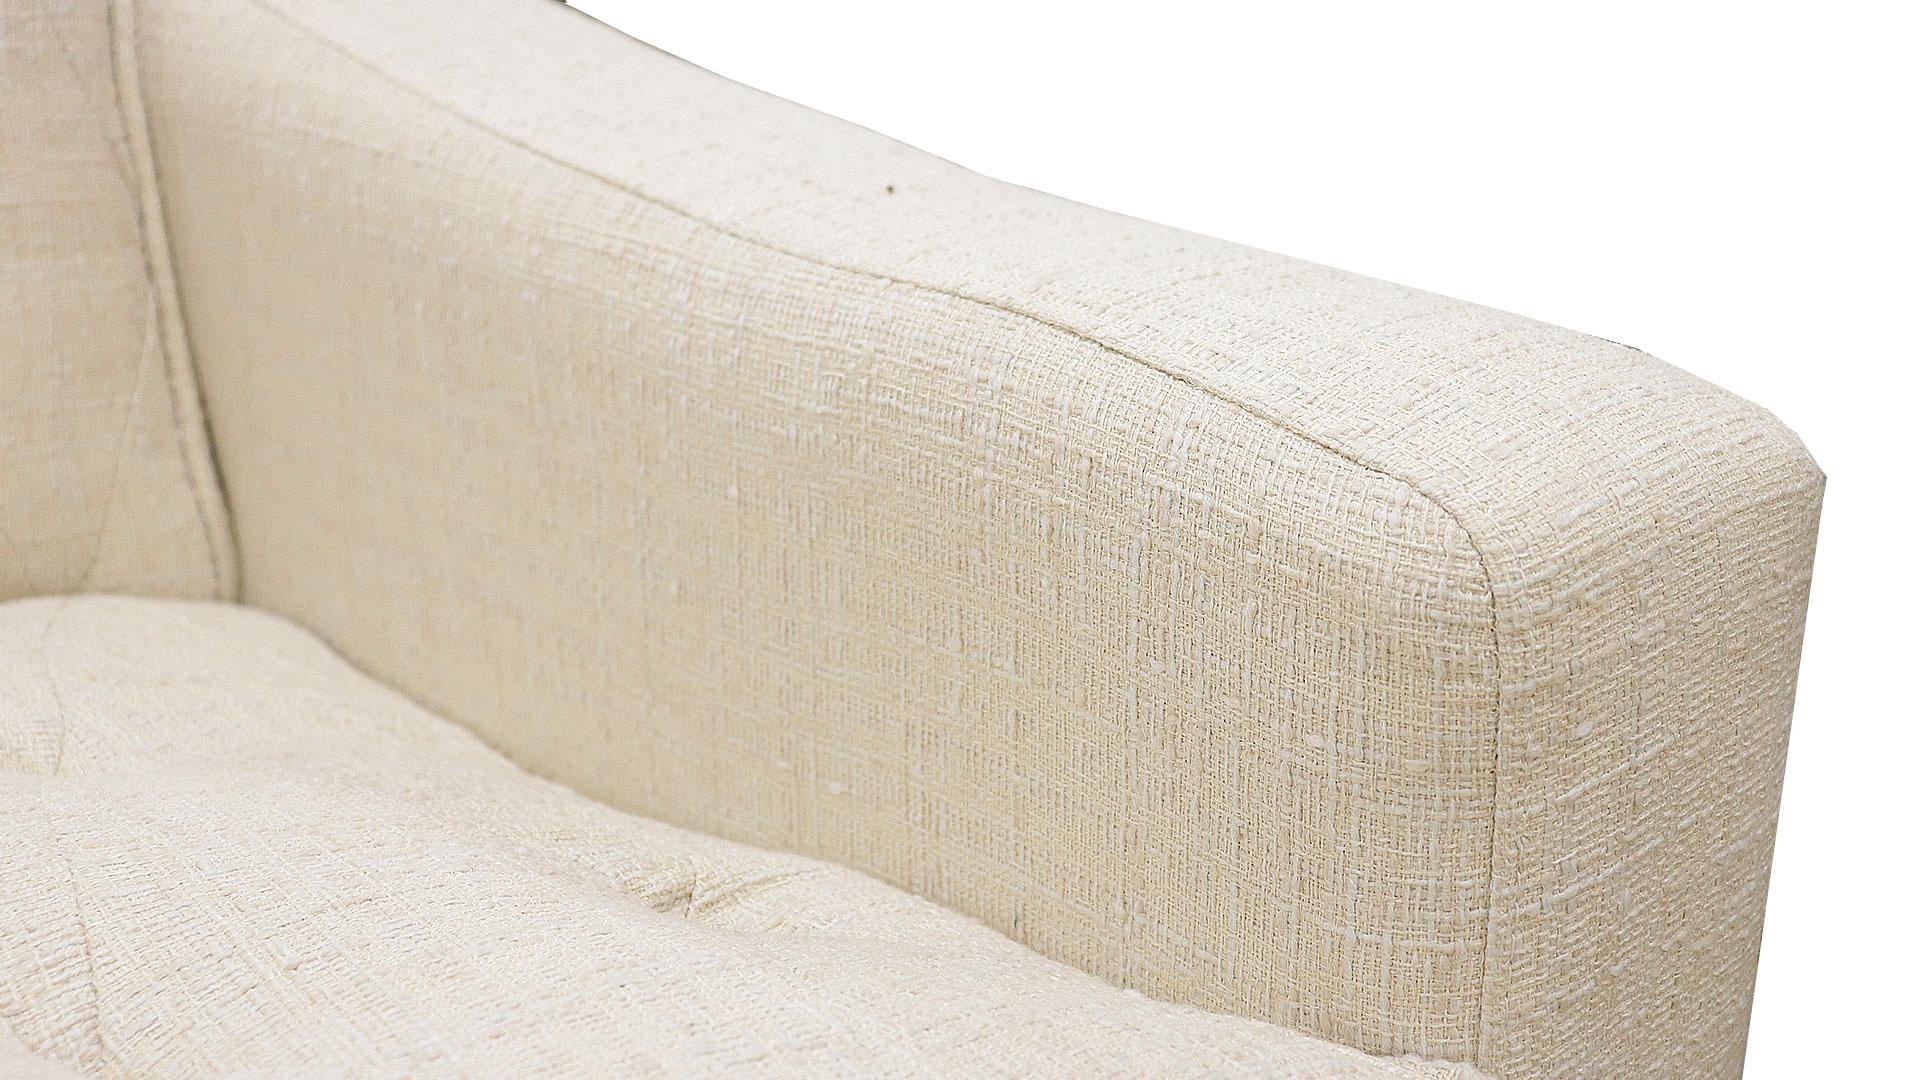 サンコウのカラーバリエーションが豊富な横幅120㎝の小さい二人掛けのソファ、プチの生地のアップの画像